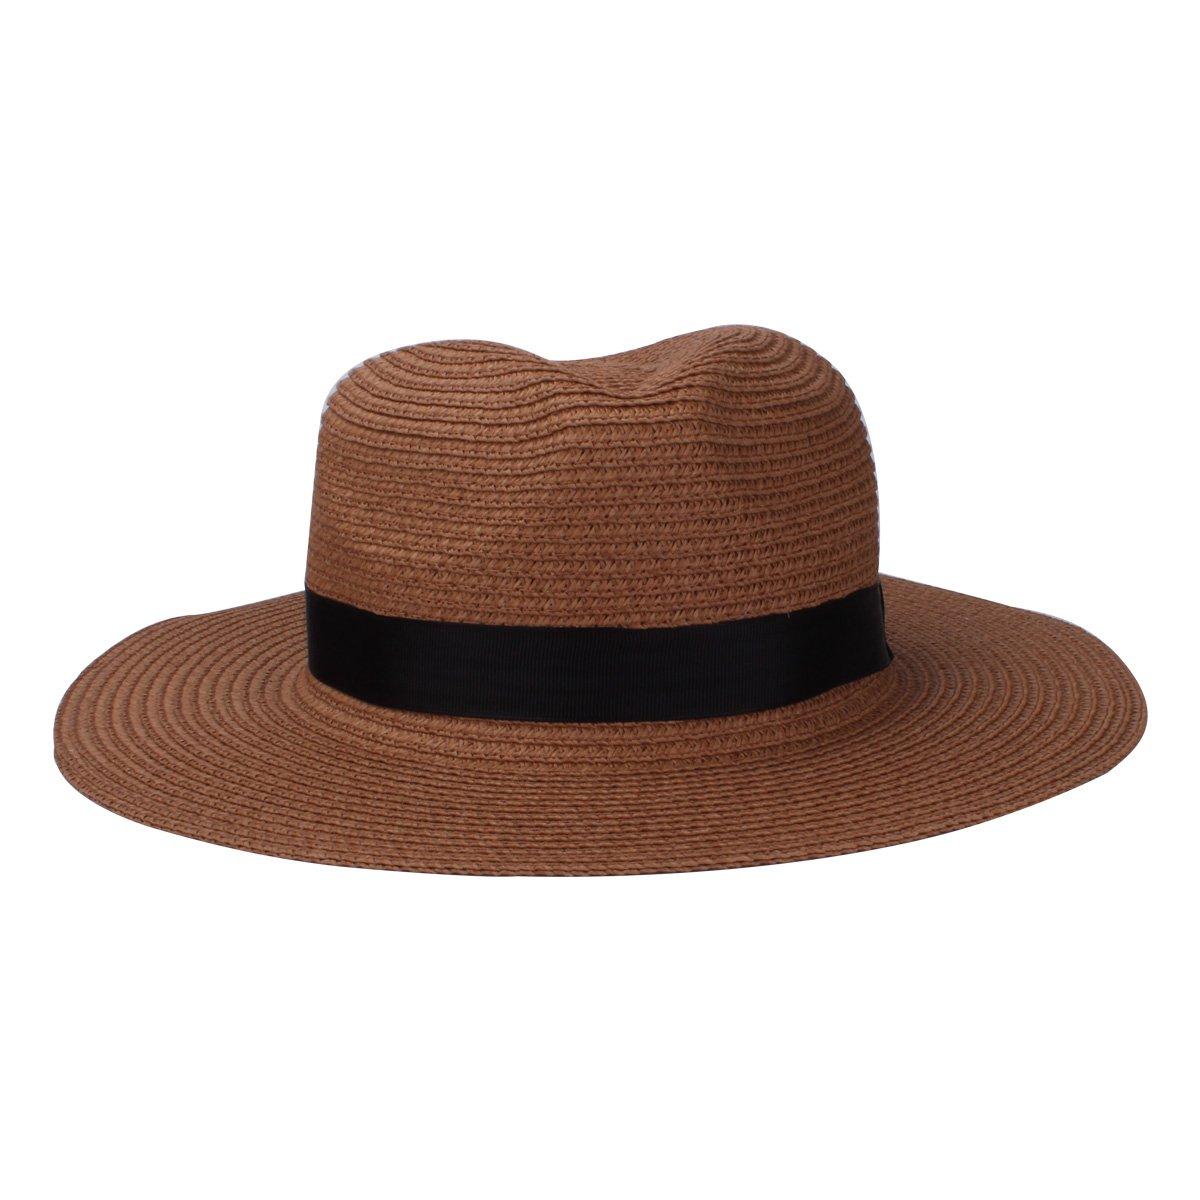 bca8529cd0ad6 YOPINDO Sombrero de paja estilo Fedora de Panamá Sombrero de ala de ala  ancha plegable unisex